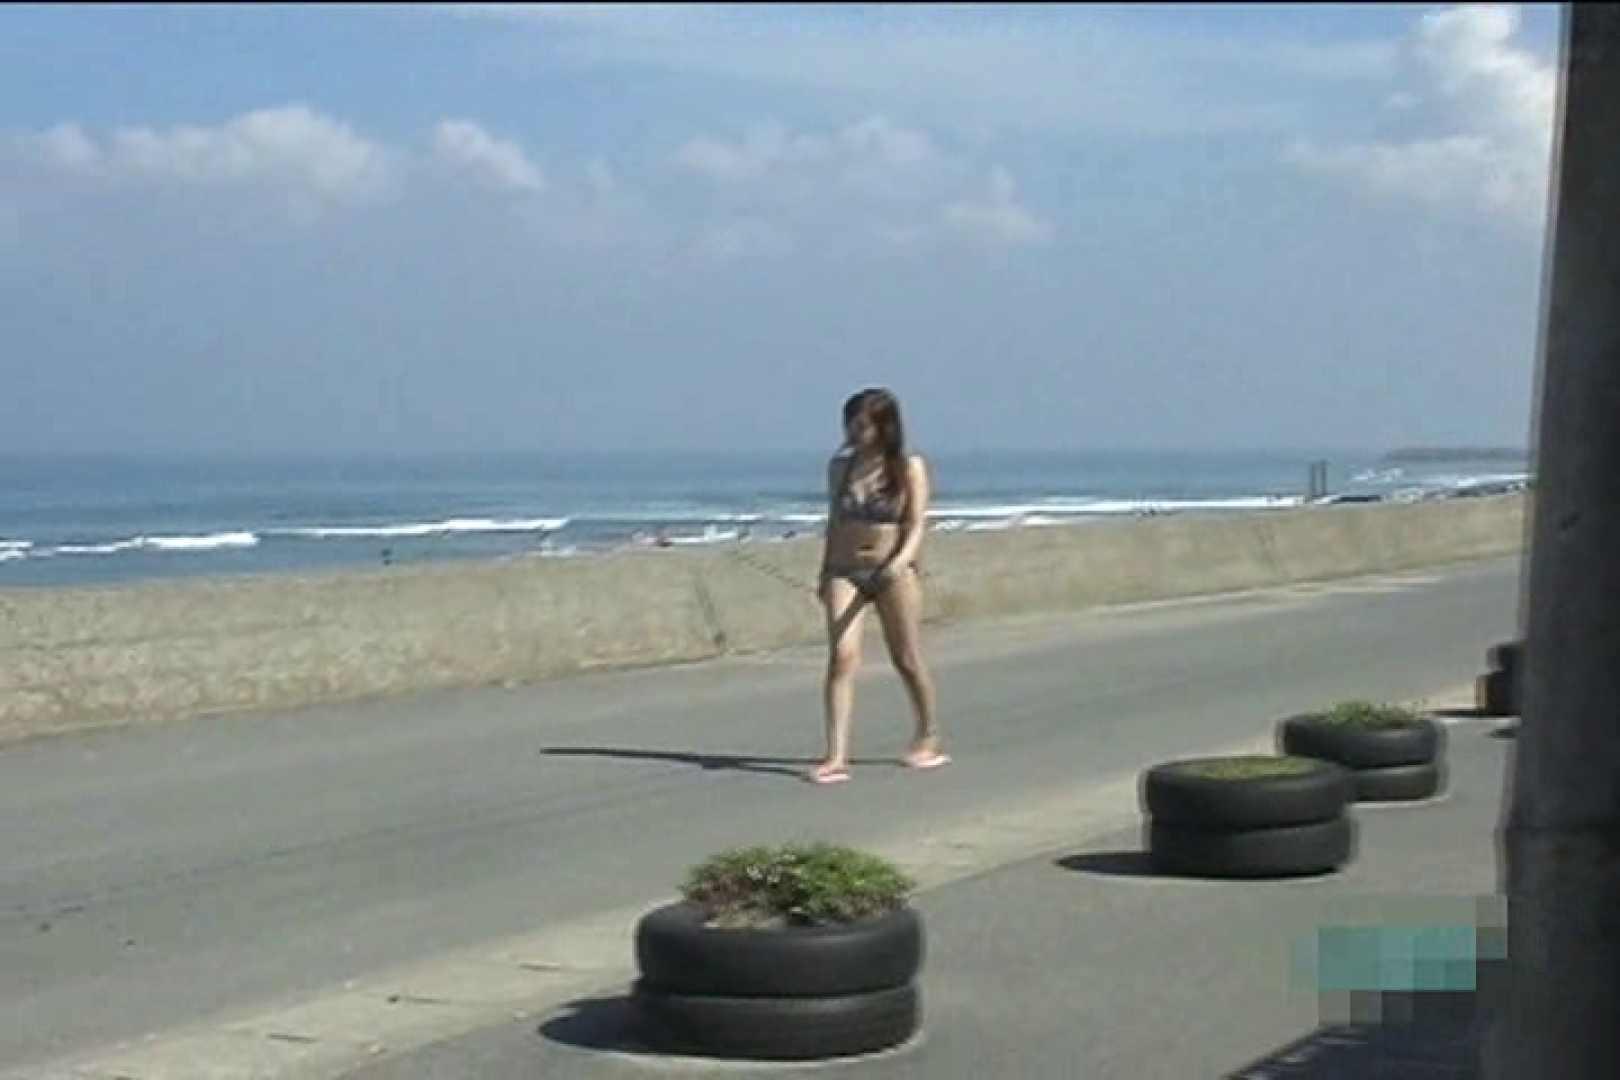 真夏のビーチは危険地帯Vol.3 OLヌード天国 性交動画流出 107PIX 58